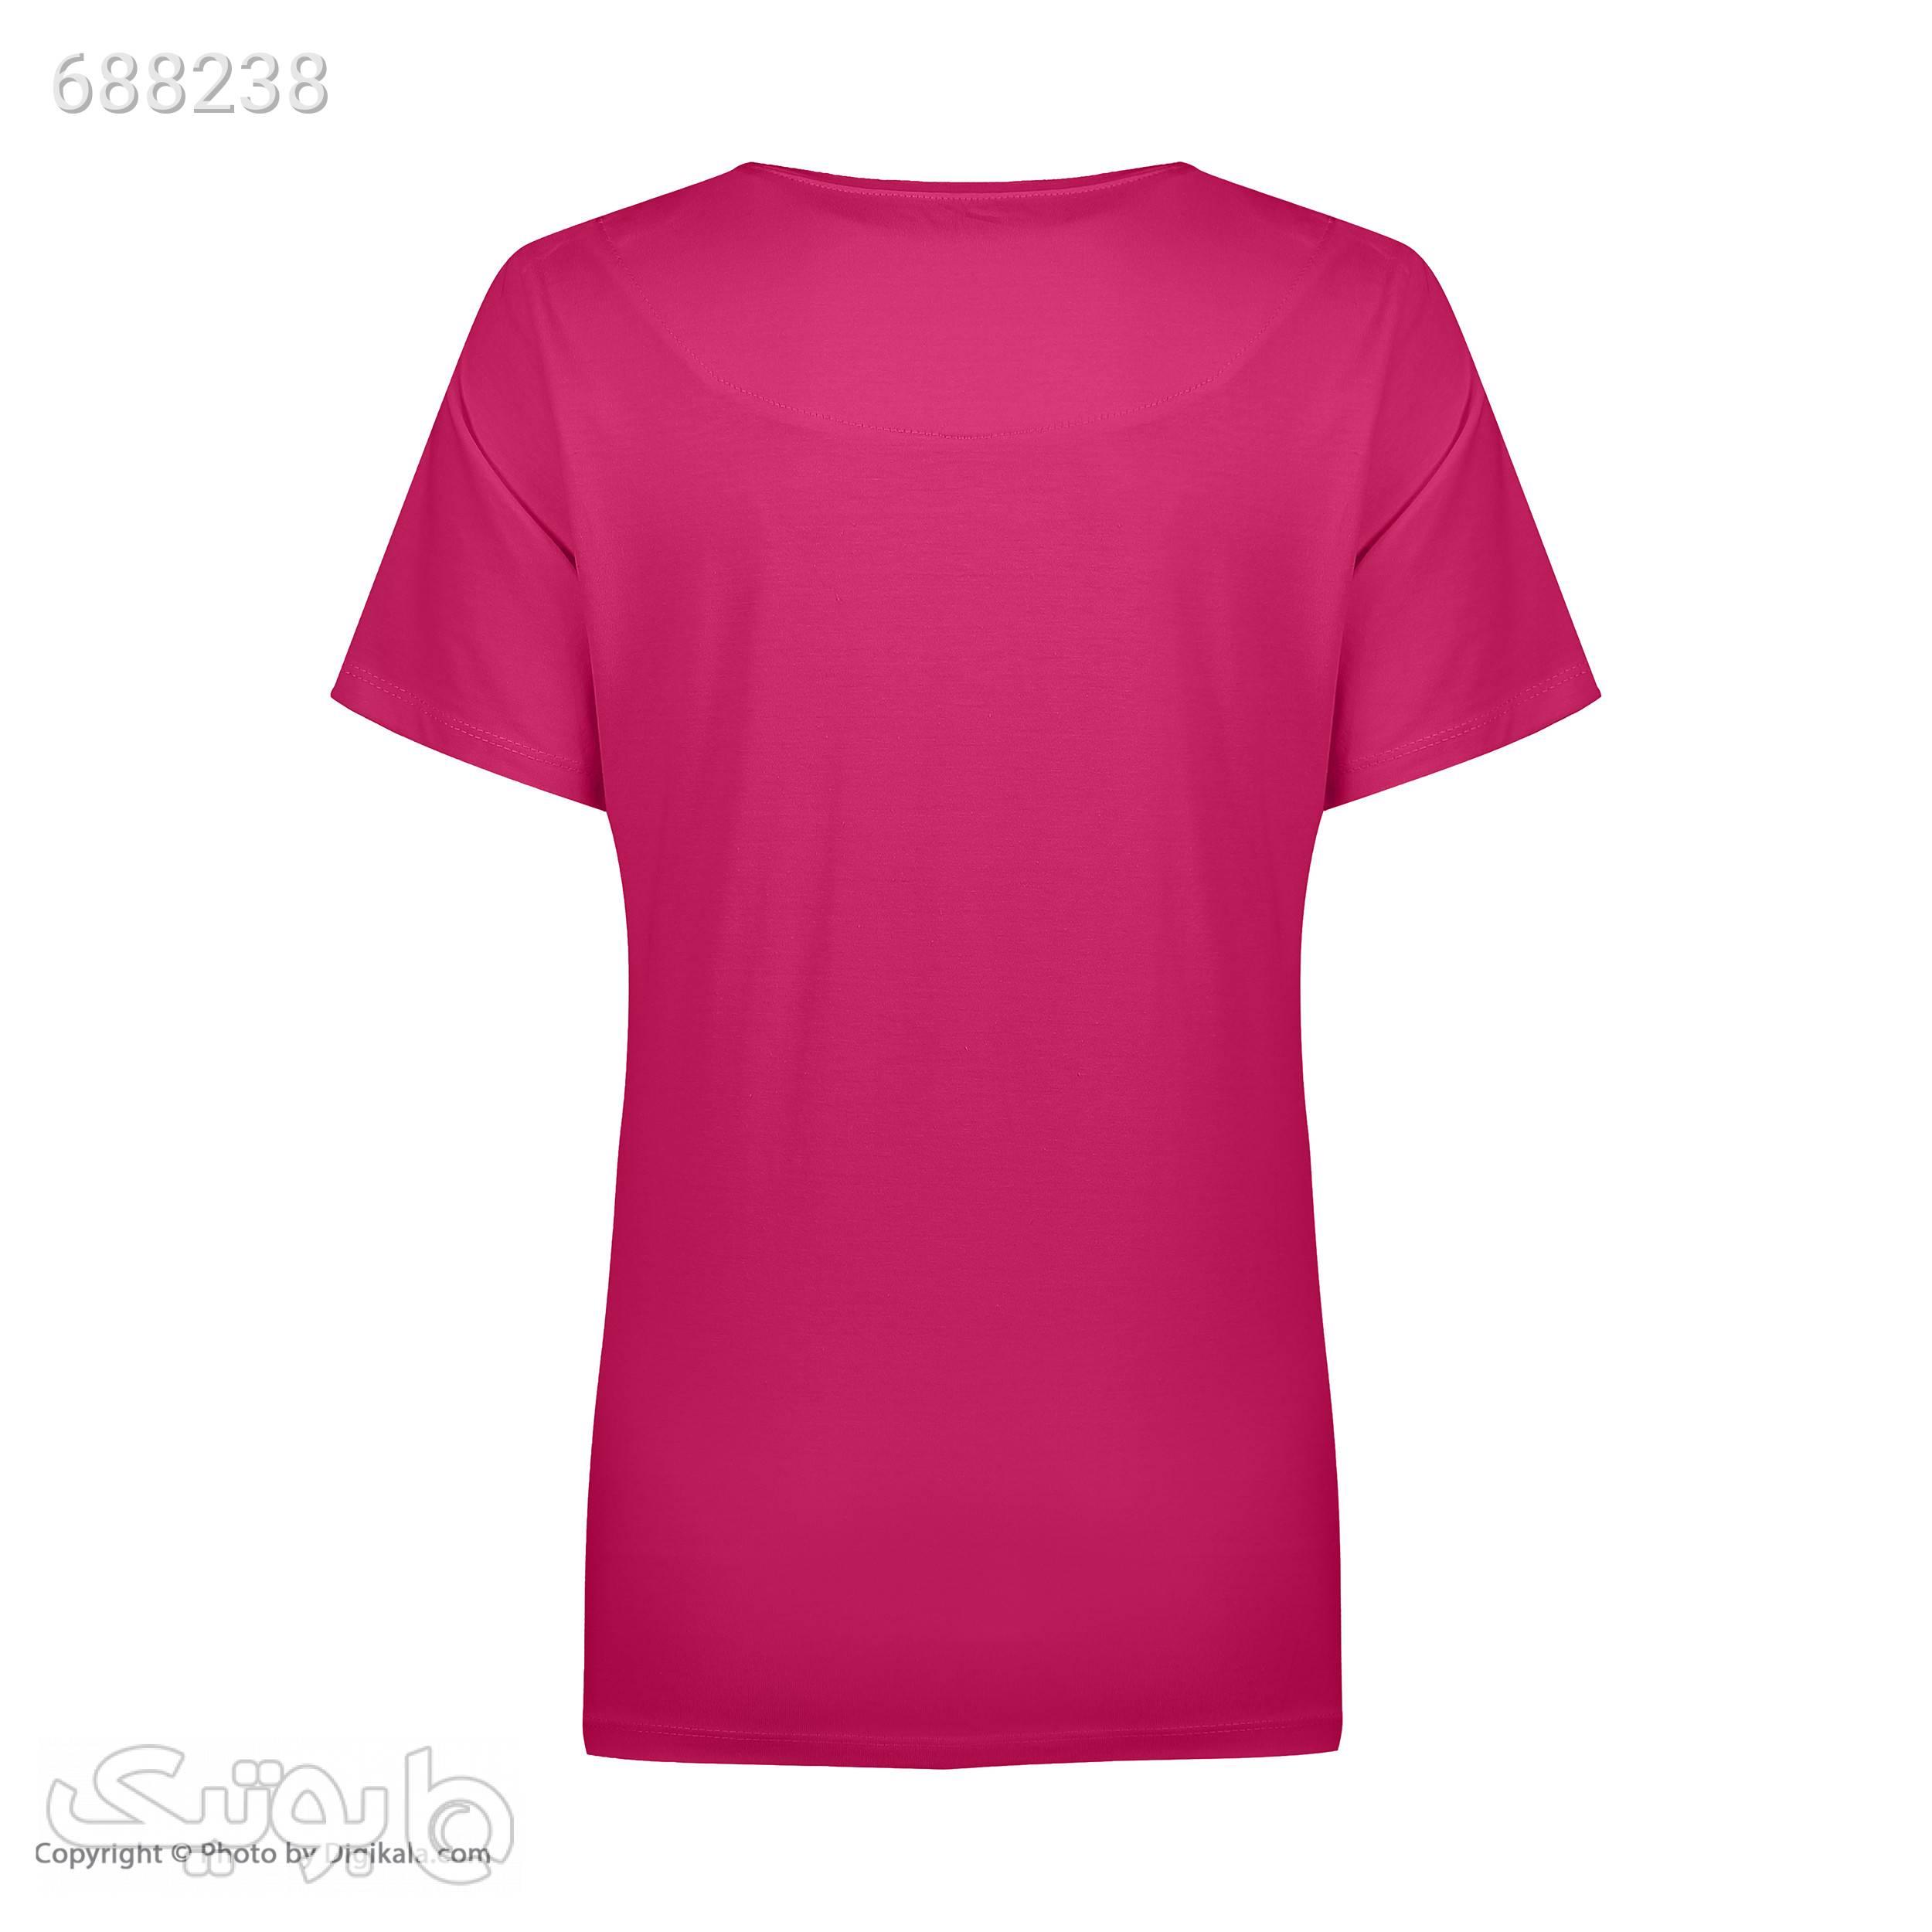 ست تی شرت و شلوارک راحتی زنانه مادر مدل 204110066 صورتی لباس راحتی زنانه